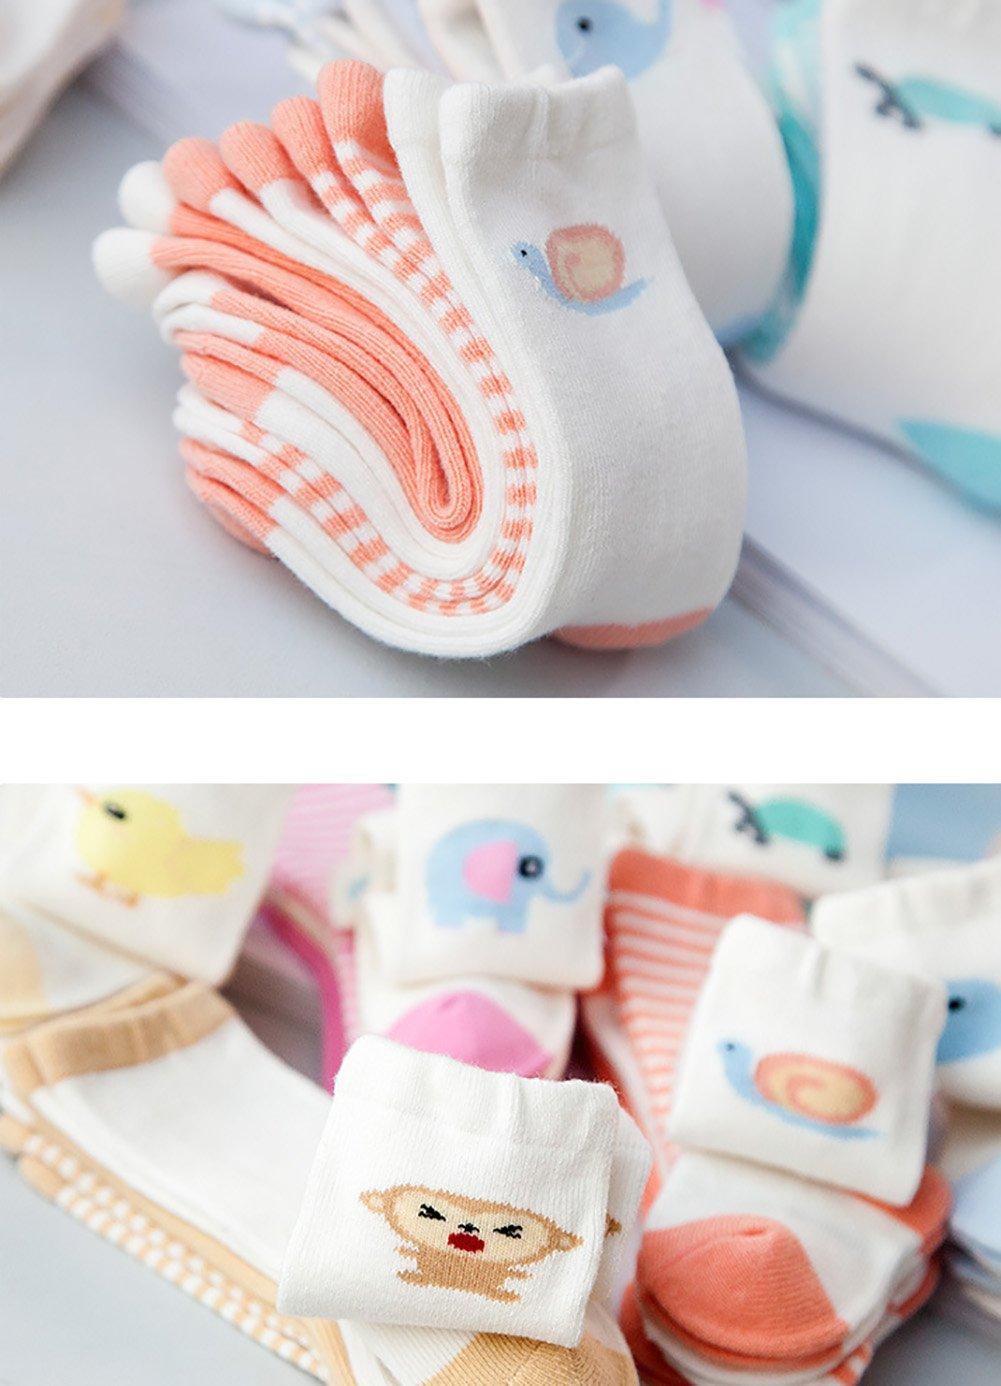 fablcrew calcetines bebe Mignon beb/é algod/ón highsocks 2/tonos color Animal modelo/ /Calcetines unisex ballena Talla:talla /única